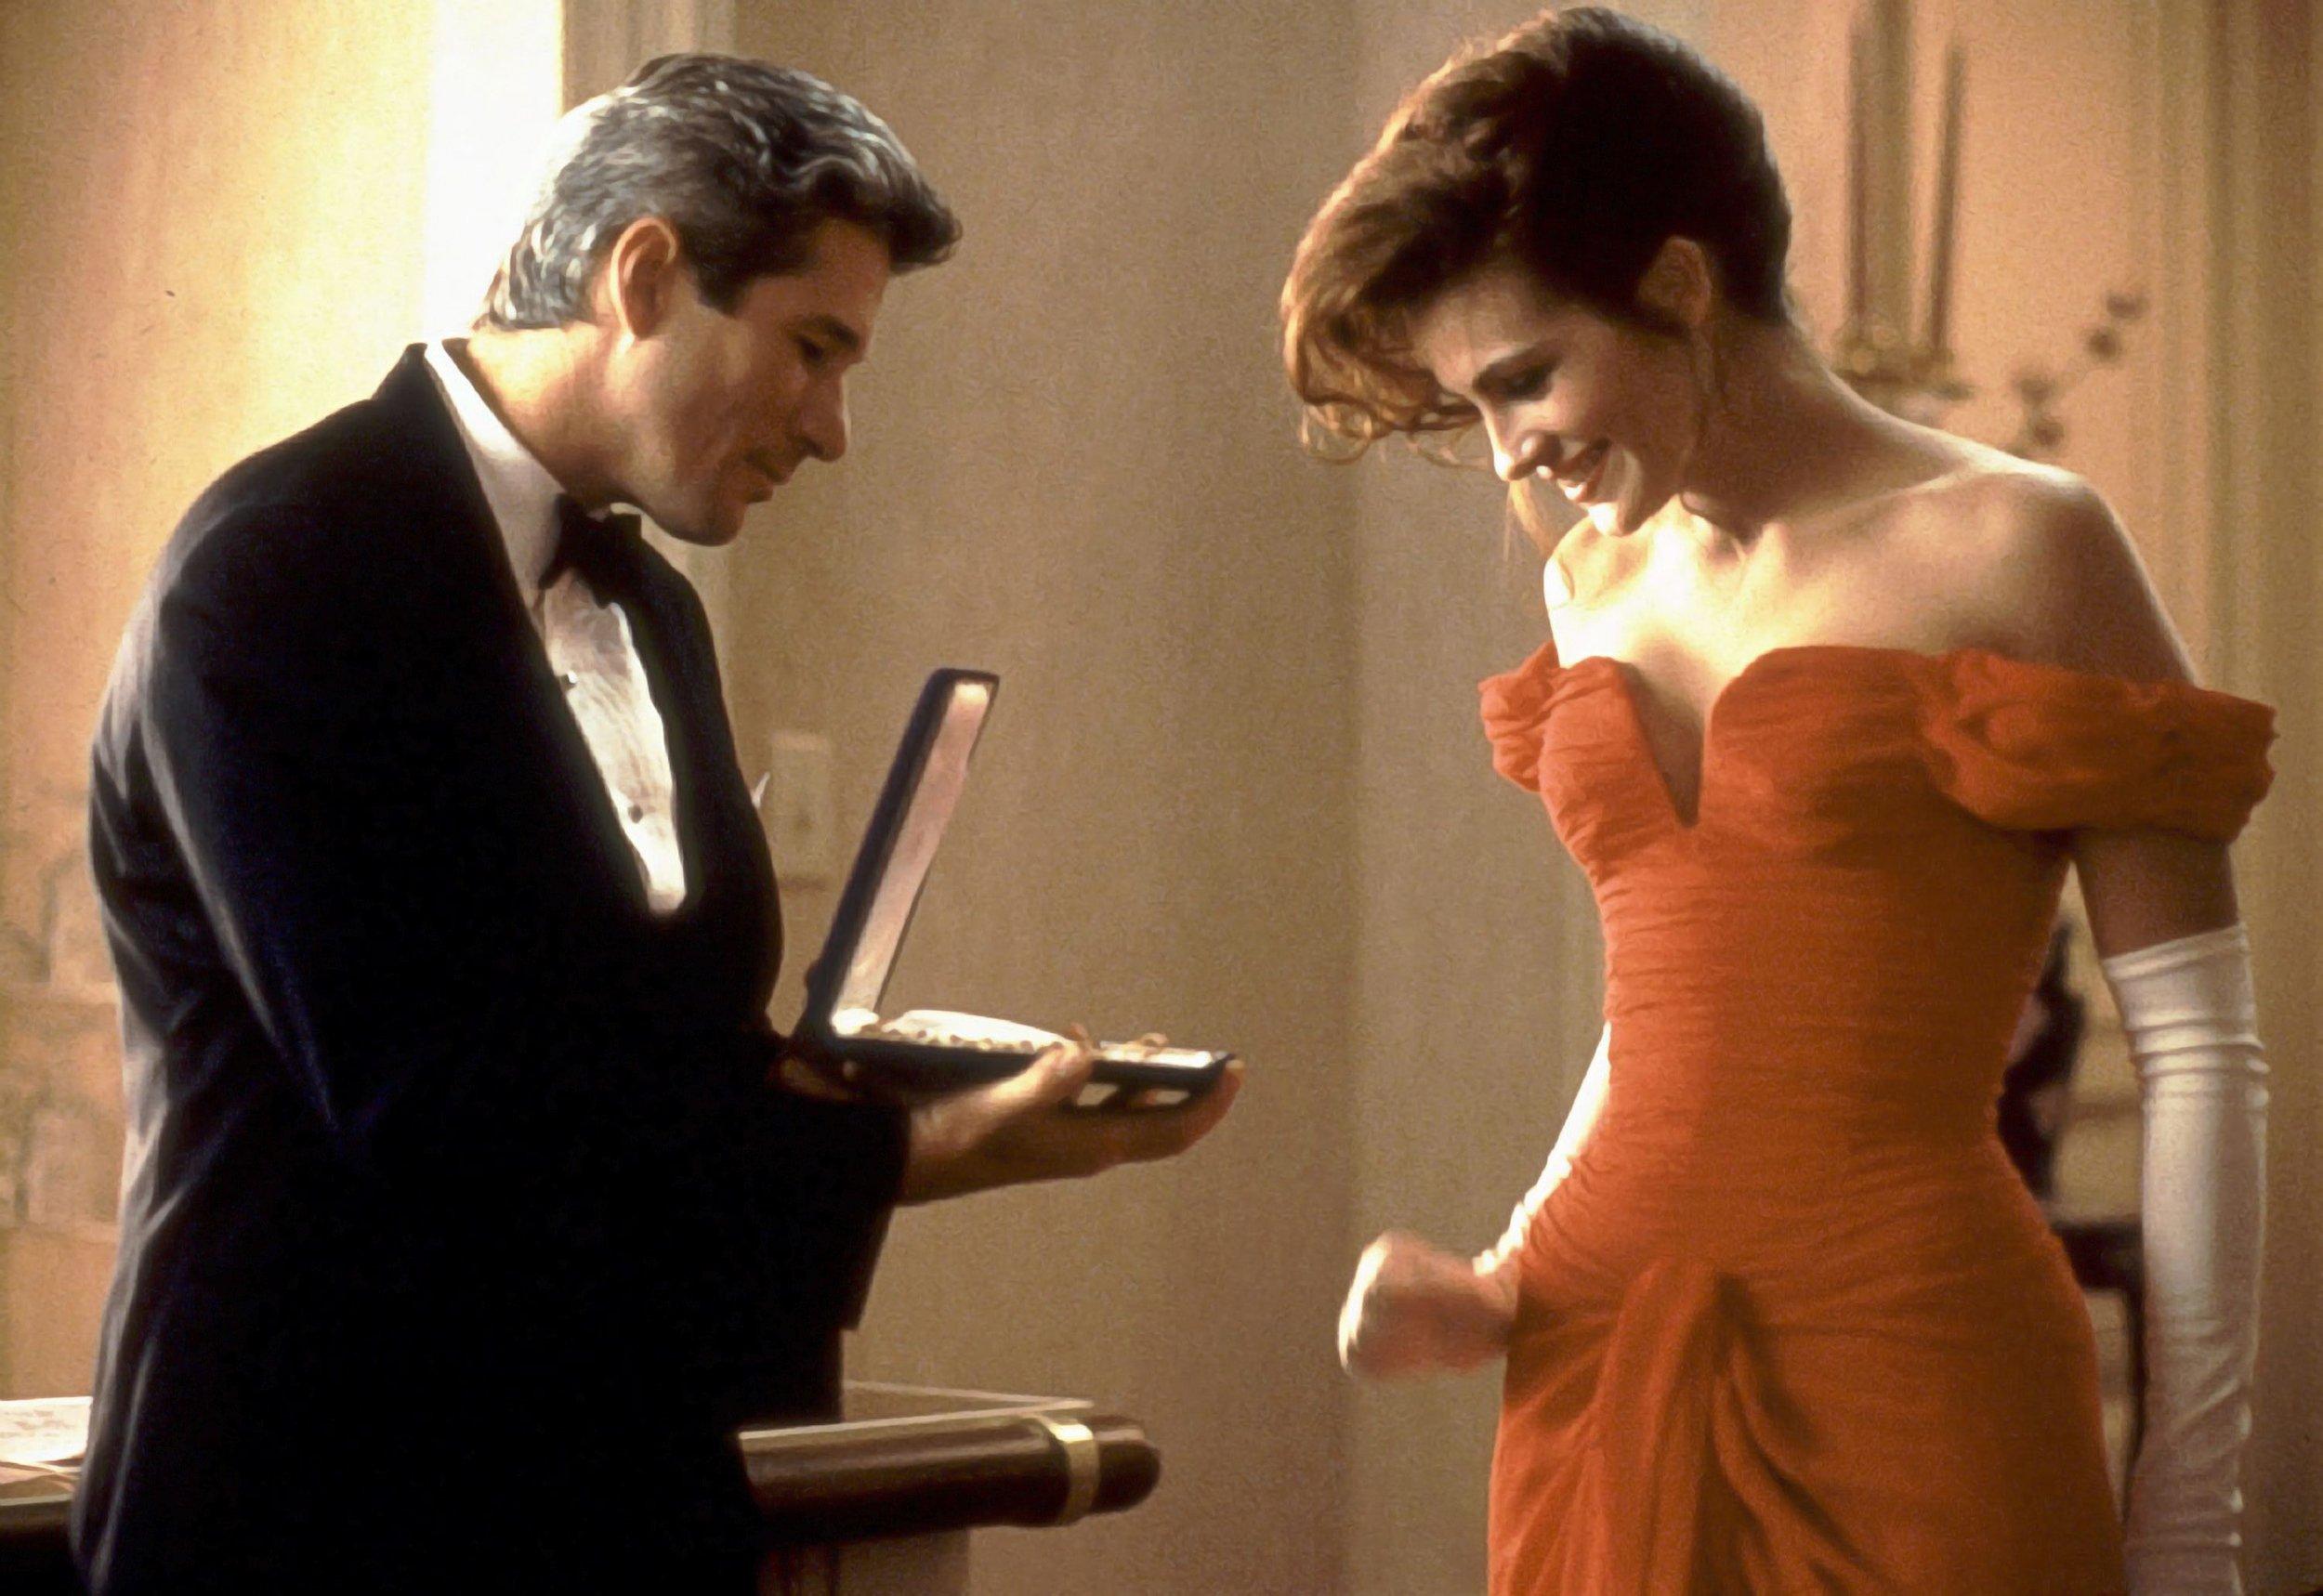 כשויויאן קיבלה את השמלה האדומה וענק היהלומים. ג׳וליה רוברטס וריצ׳רד גיר ב״אישה יפה״ (צילום: באדיבות yes)